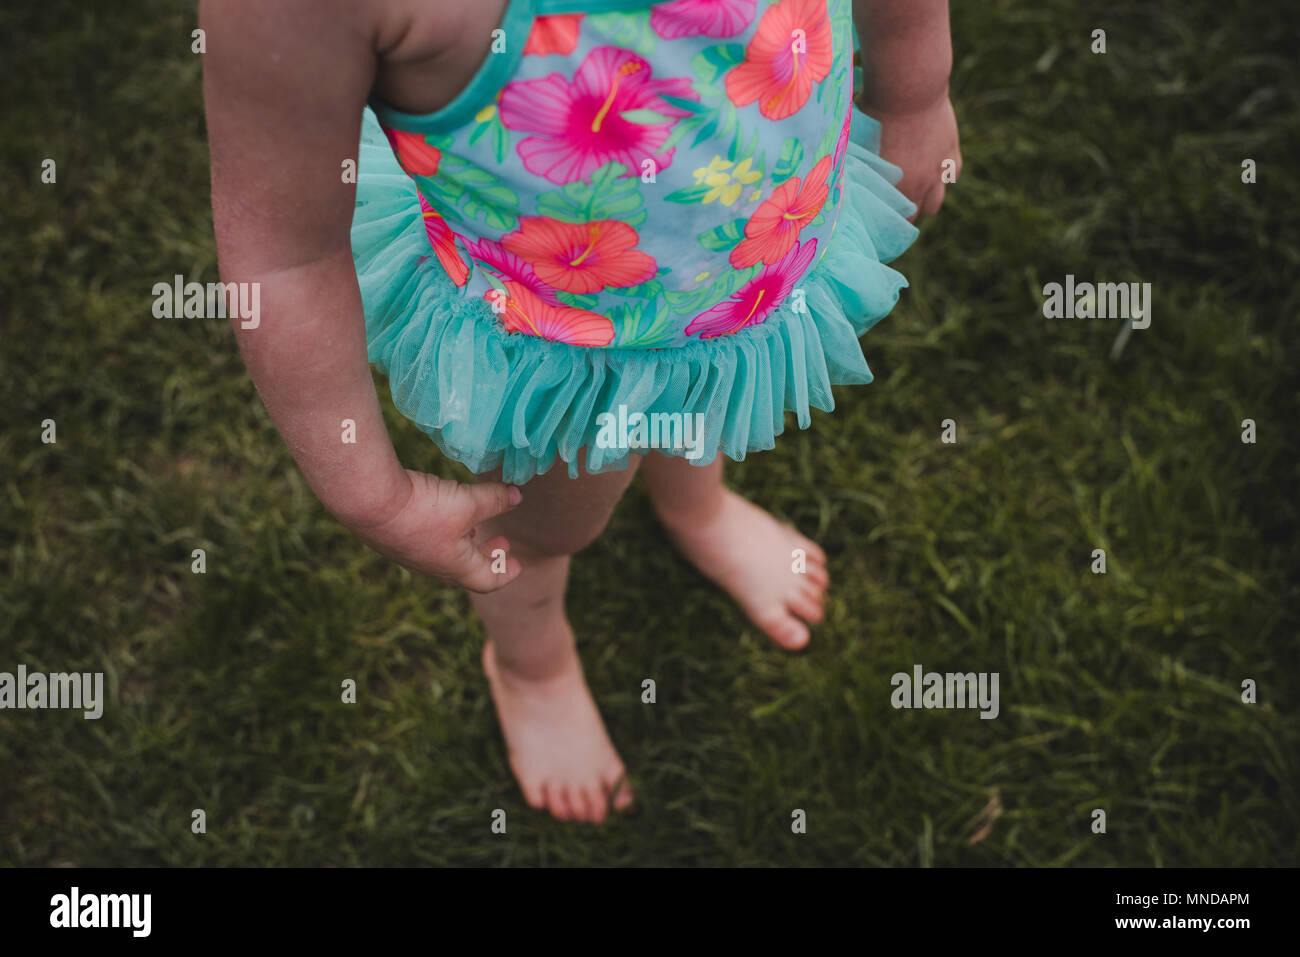 Un niño sin rostro vestida de un traje de baño de color brillante con flores sobre ella. Foto de stock